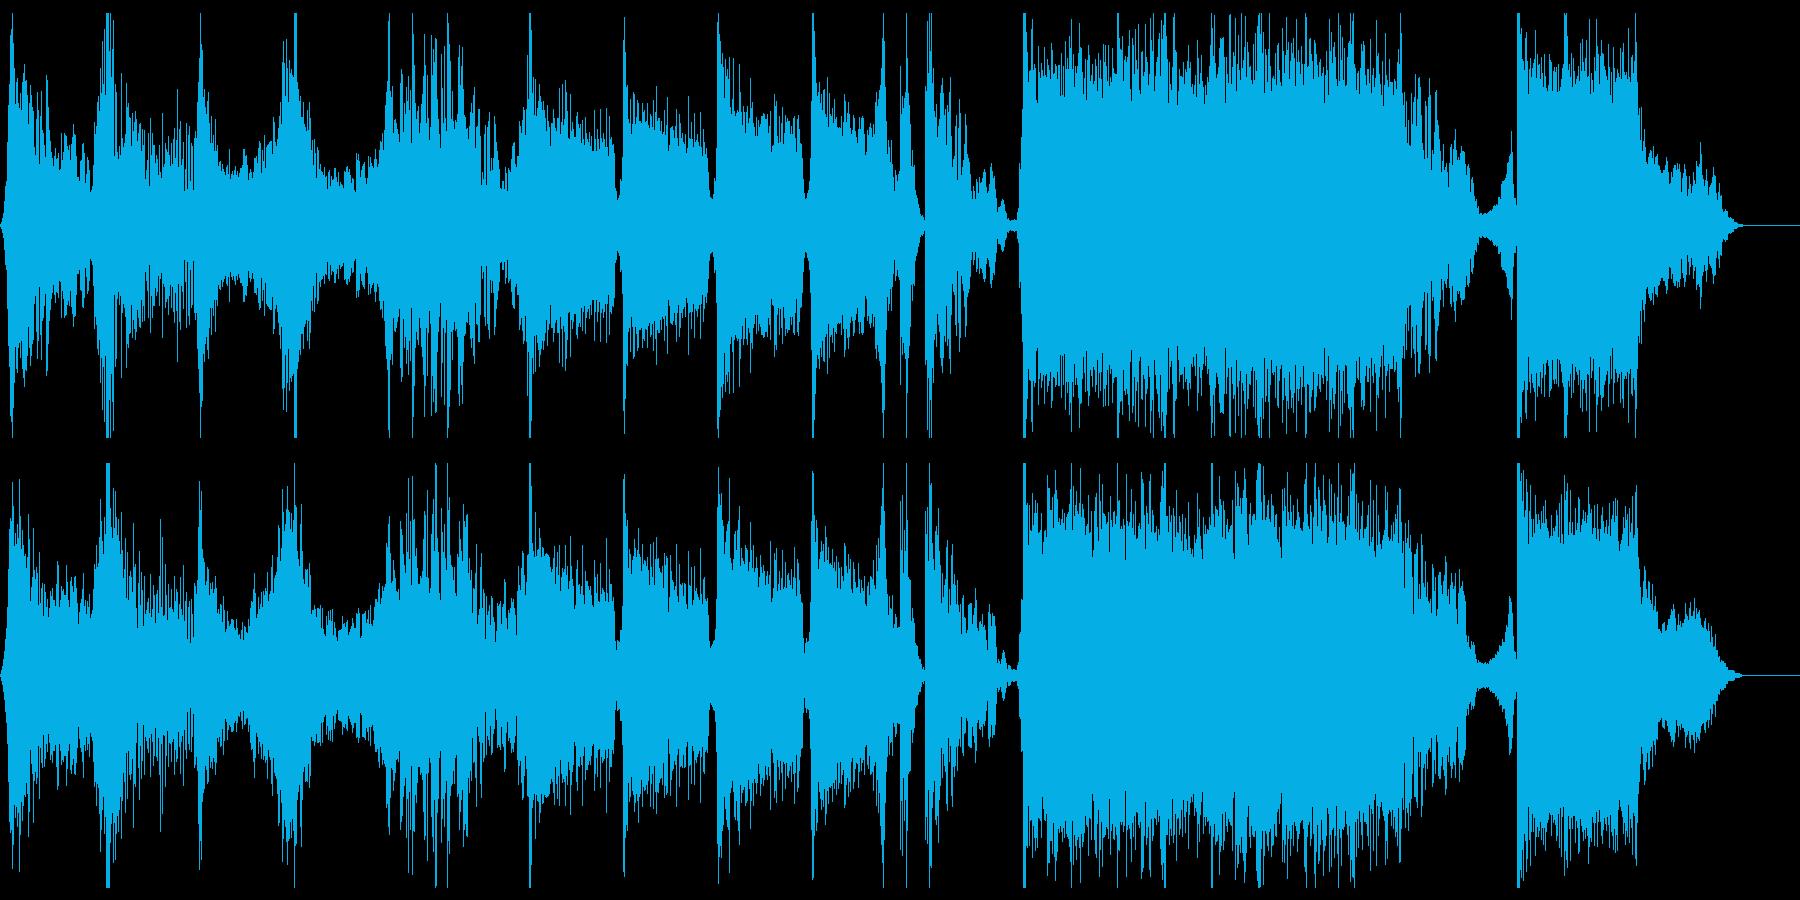 映画予告編 アクションバトルトレイラーの再生済みの波形